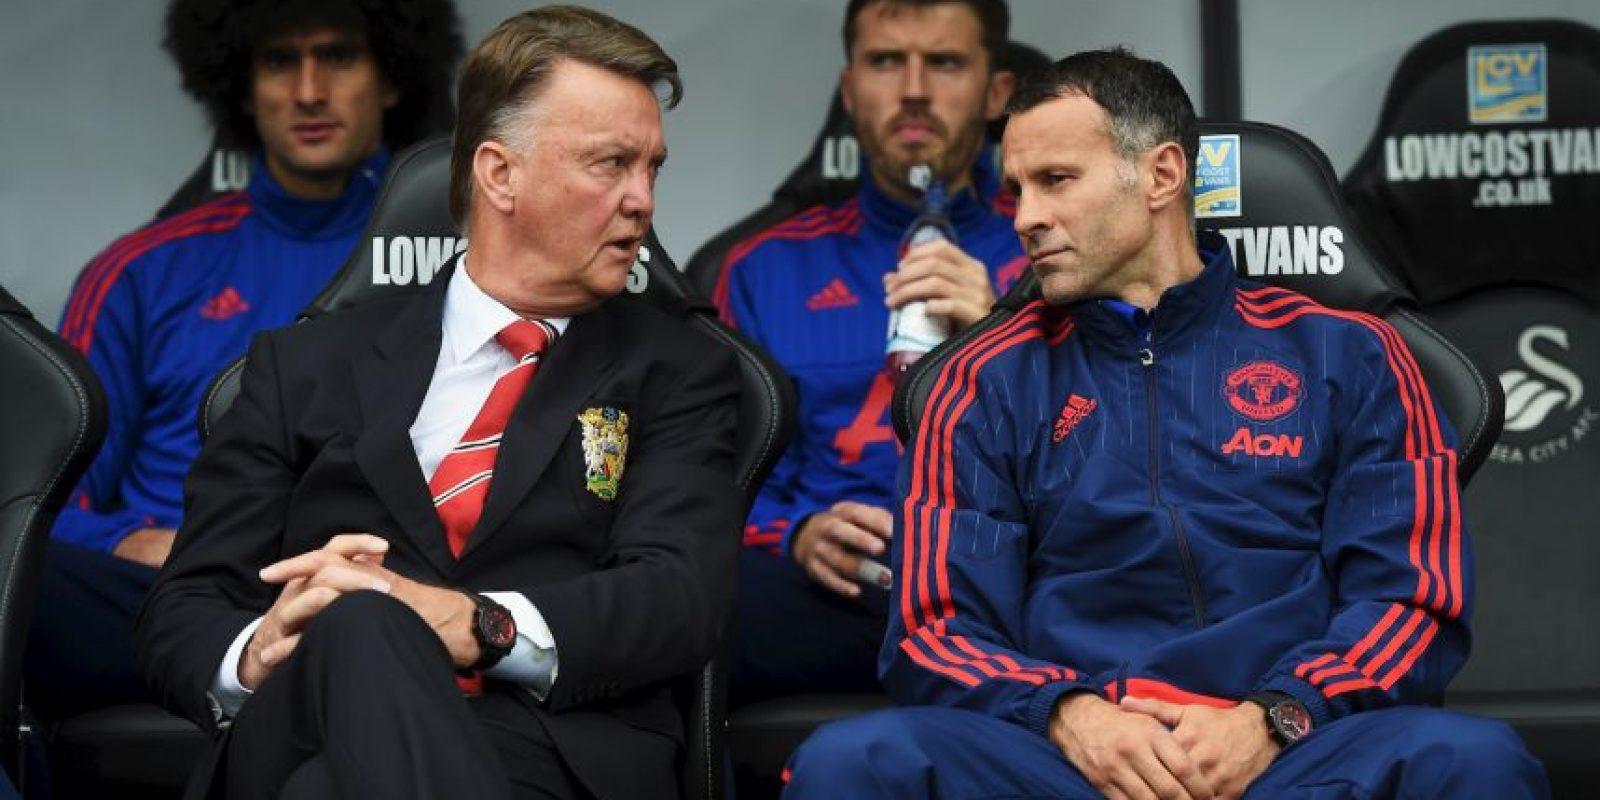 Los pupilos de Van Gaal han tenido un inicio de temporada irregular Foto:Getty Images